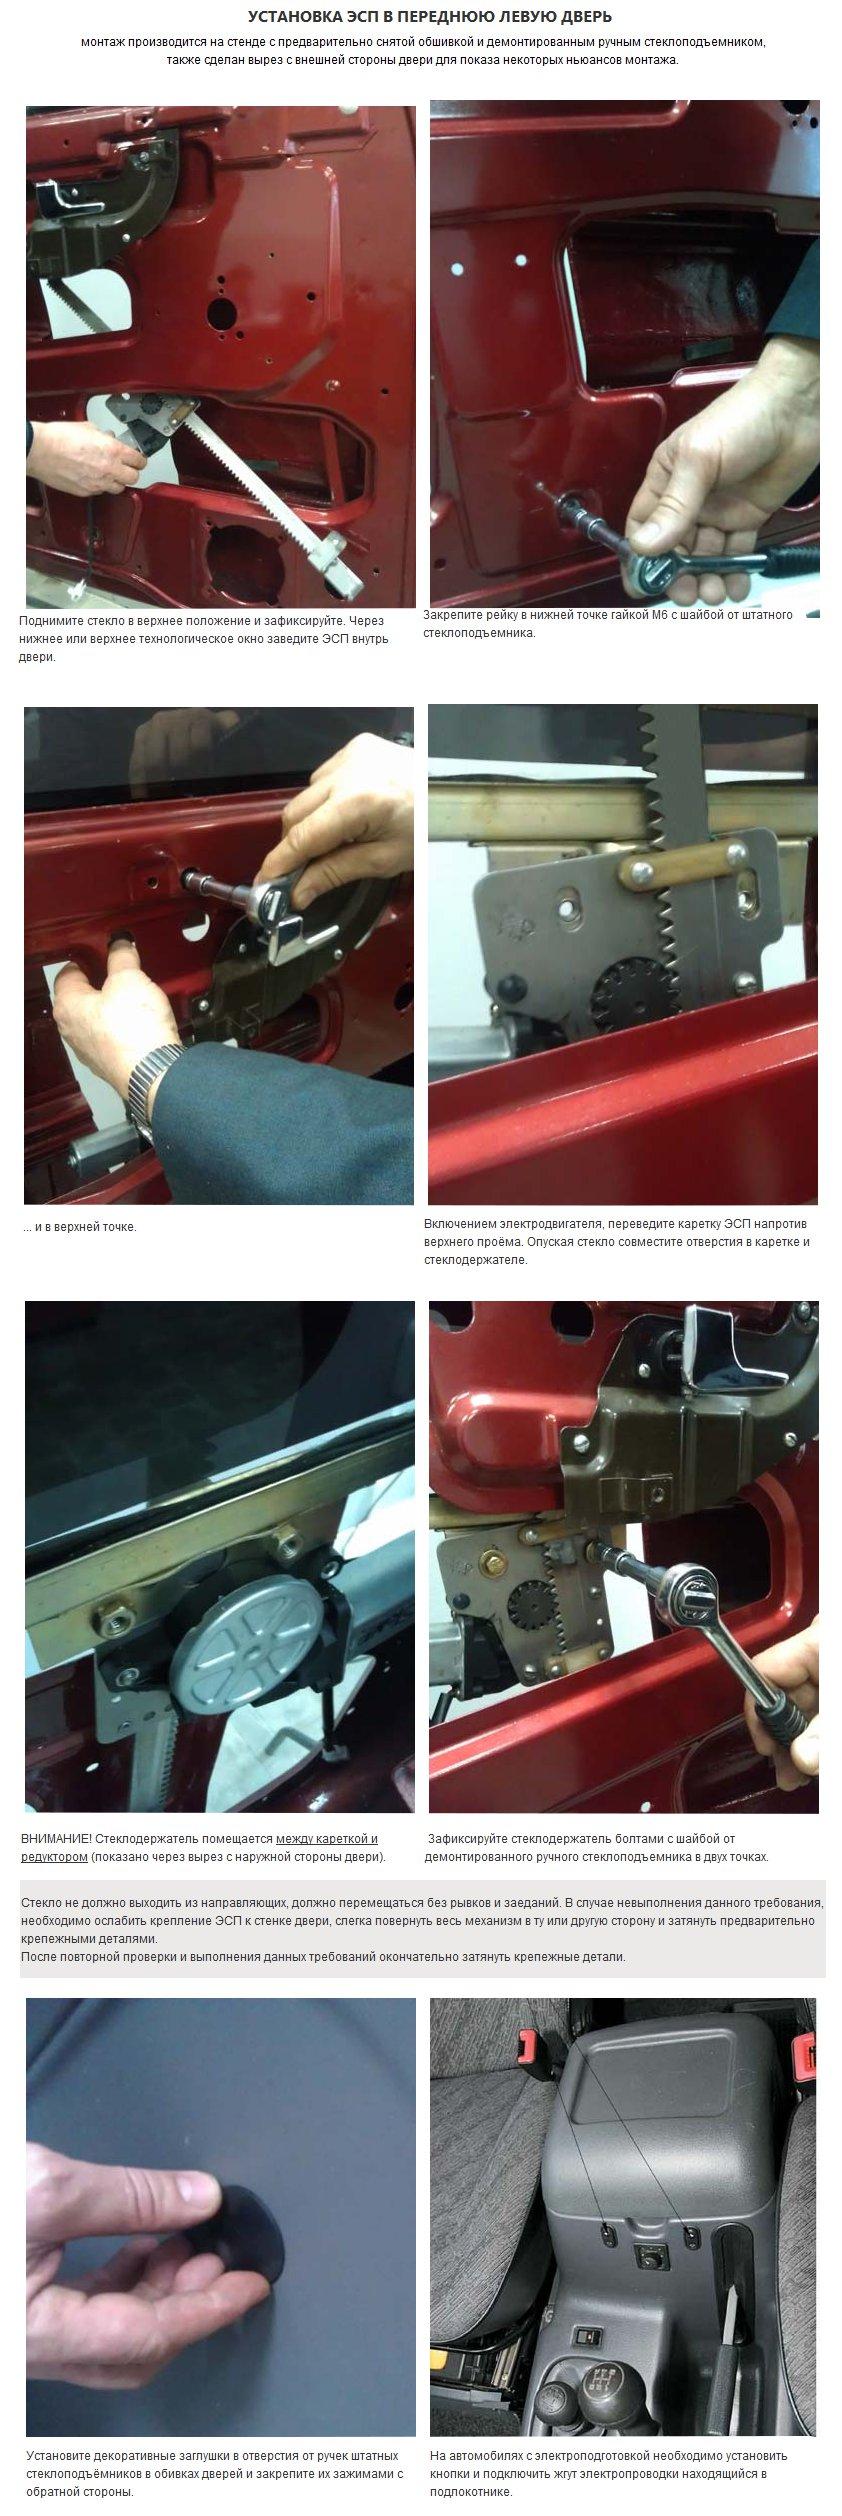 механический стеклоподъемник камаз схема